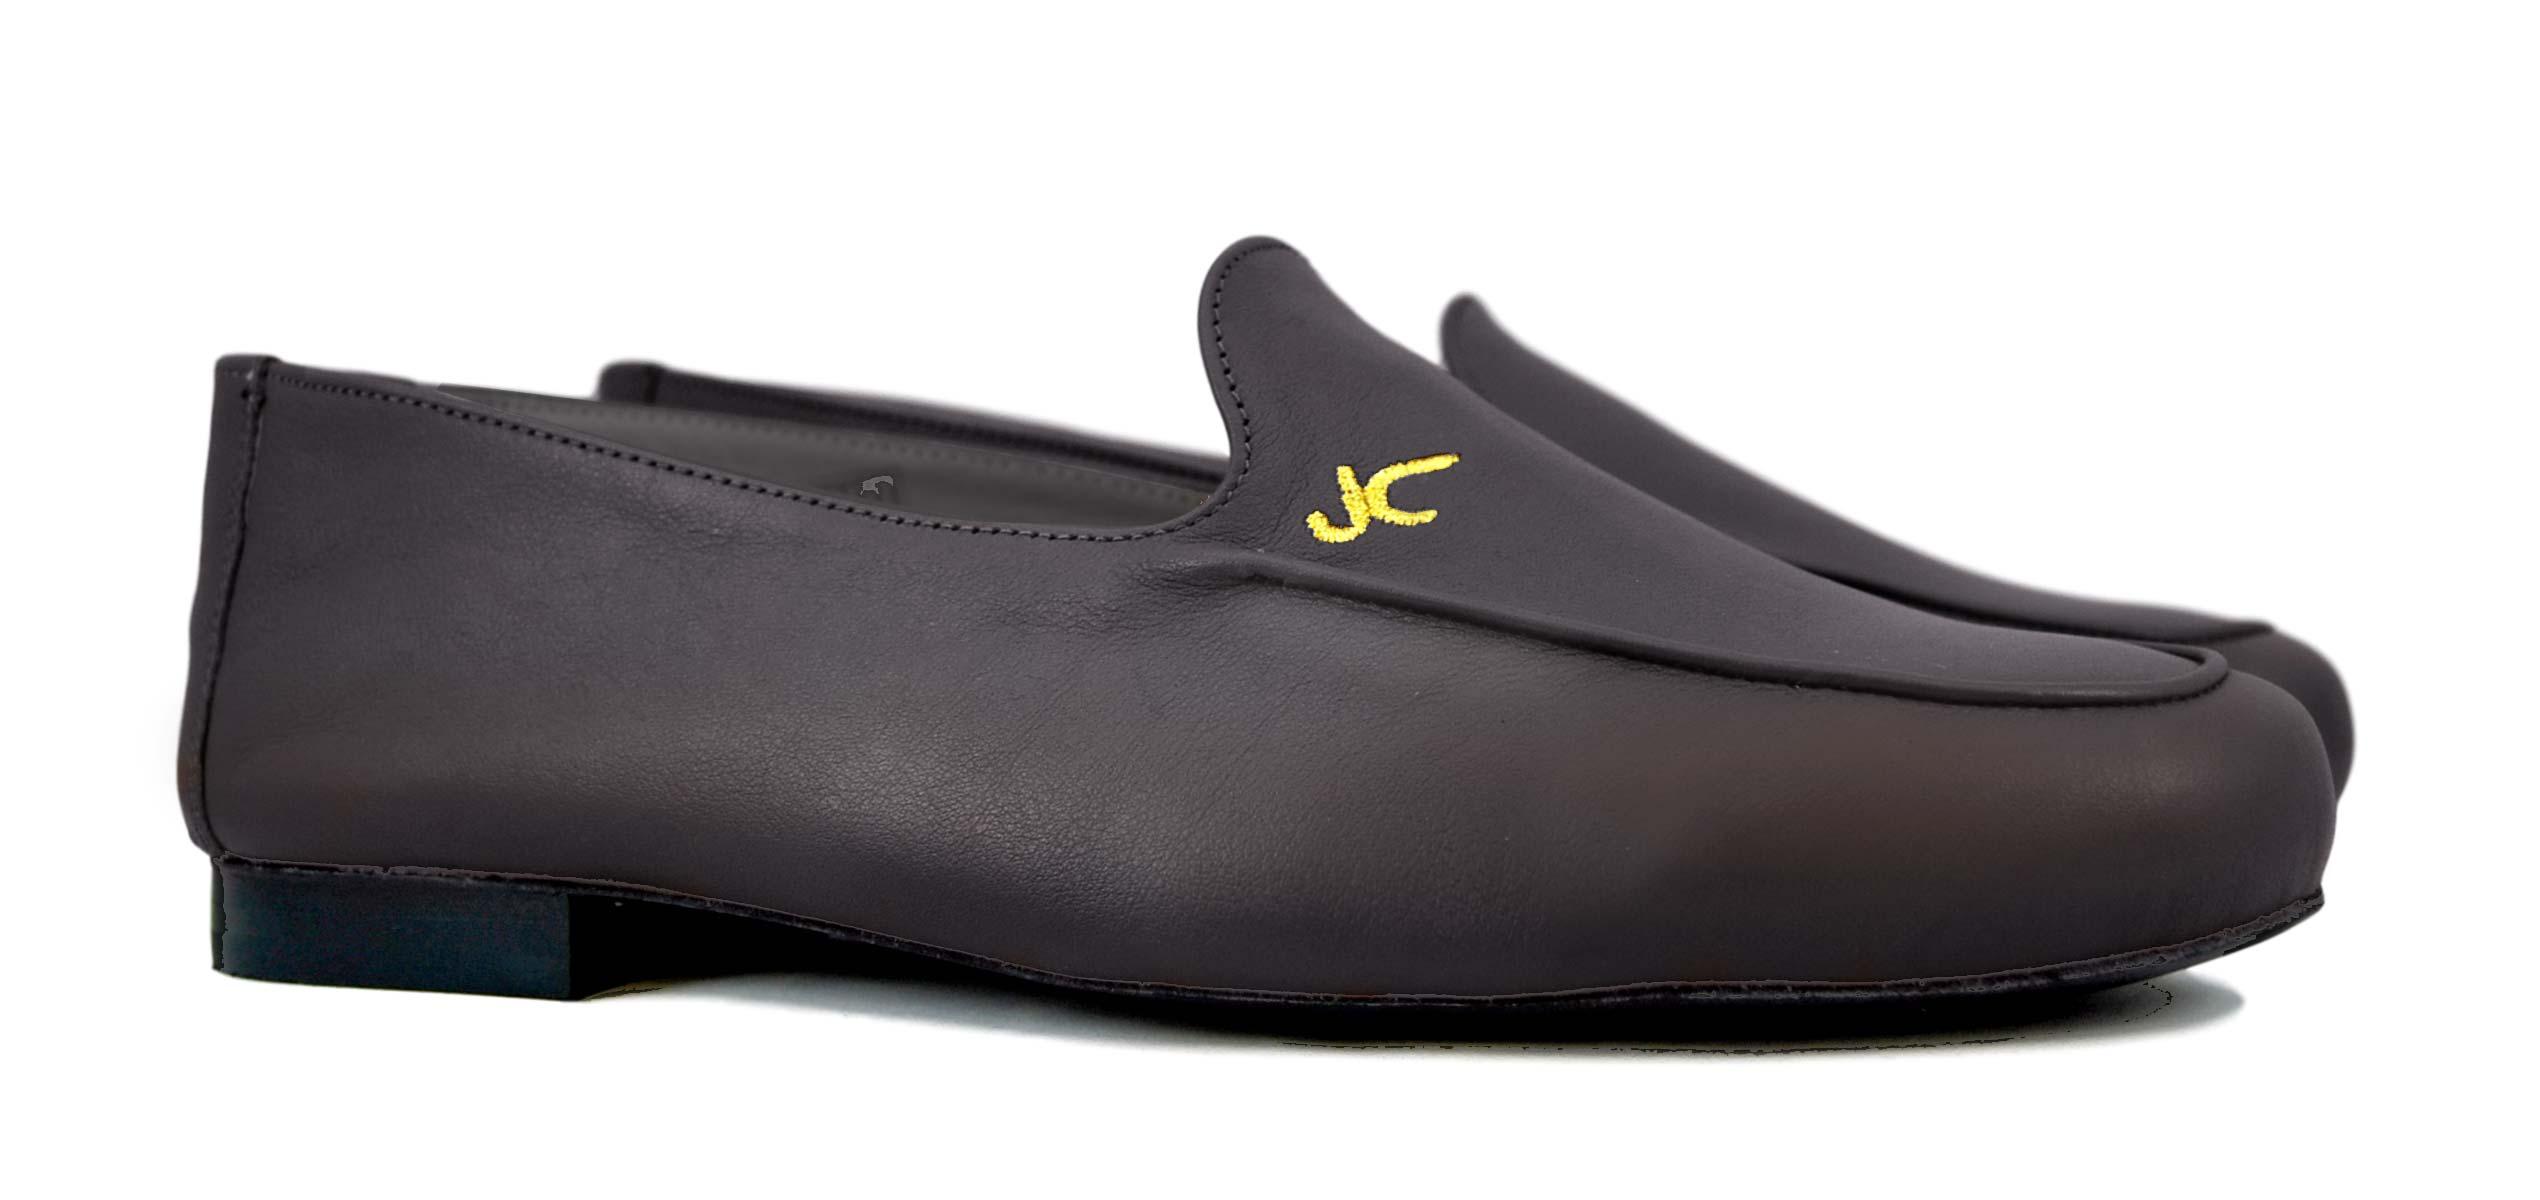 Foto 5 de Zapatos Julio Iglesias Mocasin 528 JC Marrón Napa